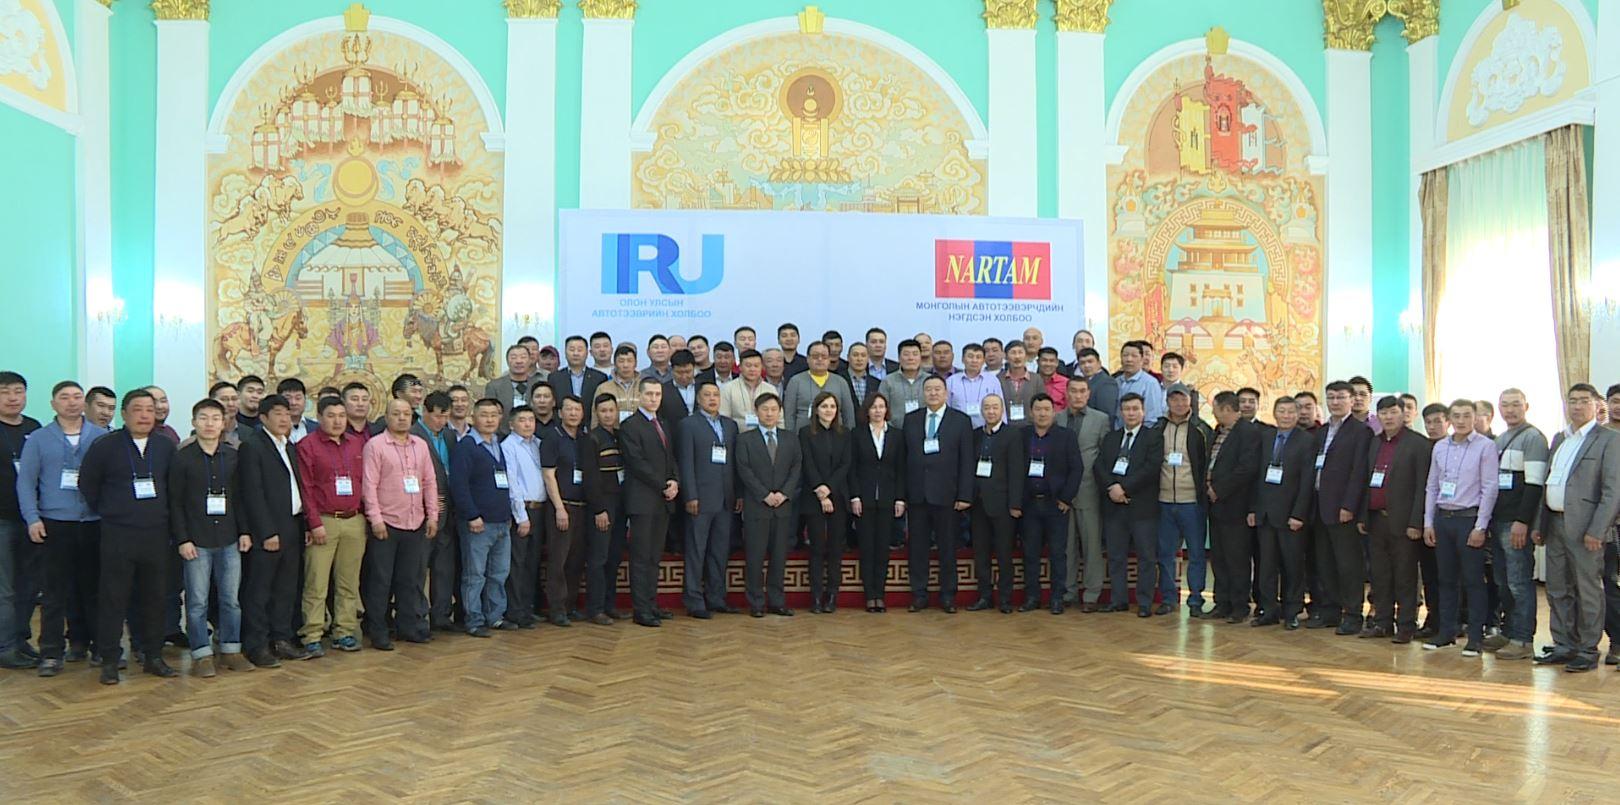 Г.Батхүү: Монголын хил гааль цахим системд бүрэн шилжих шаардлага тулгарч байна